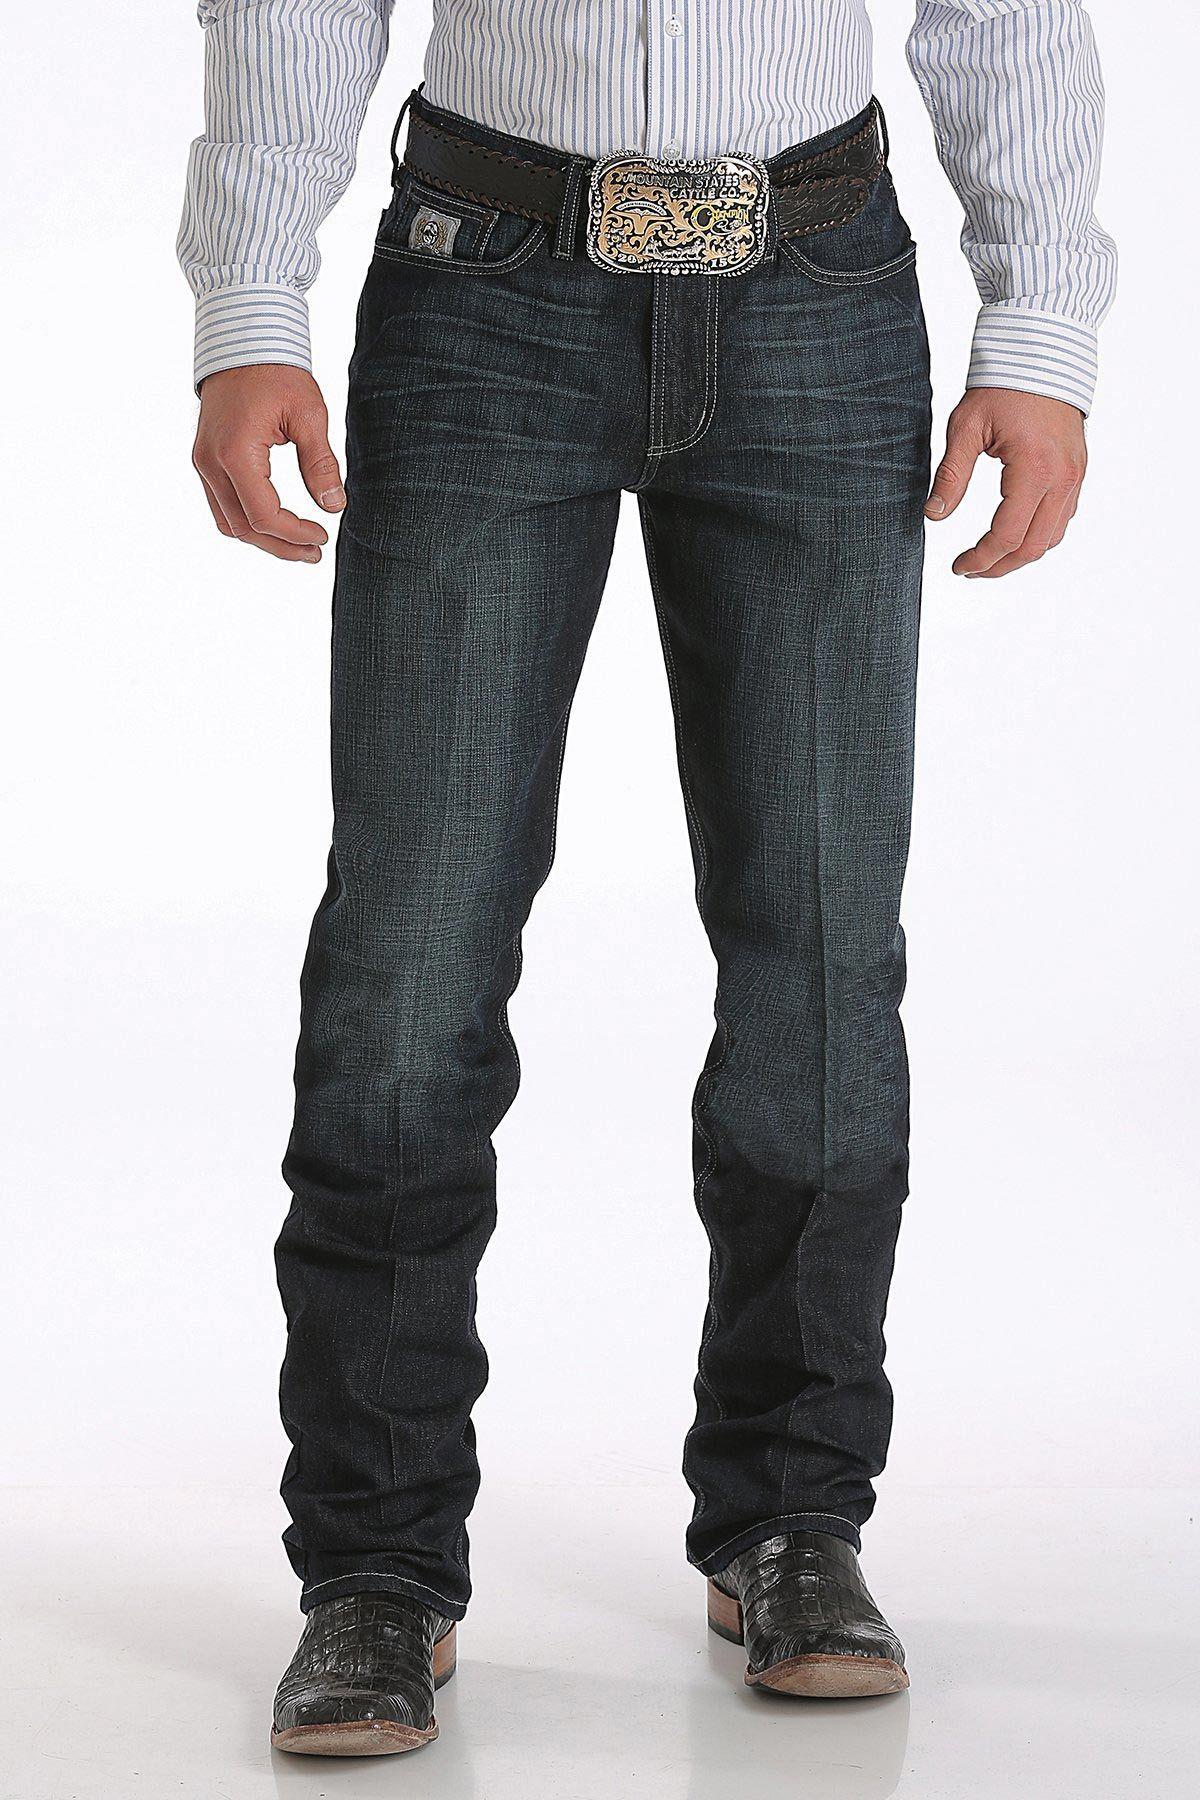 Calça Jeans Cinch Importada Silver New